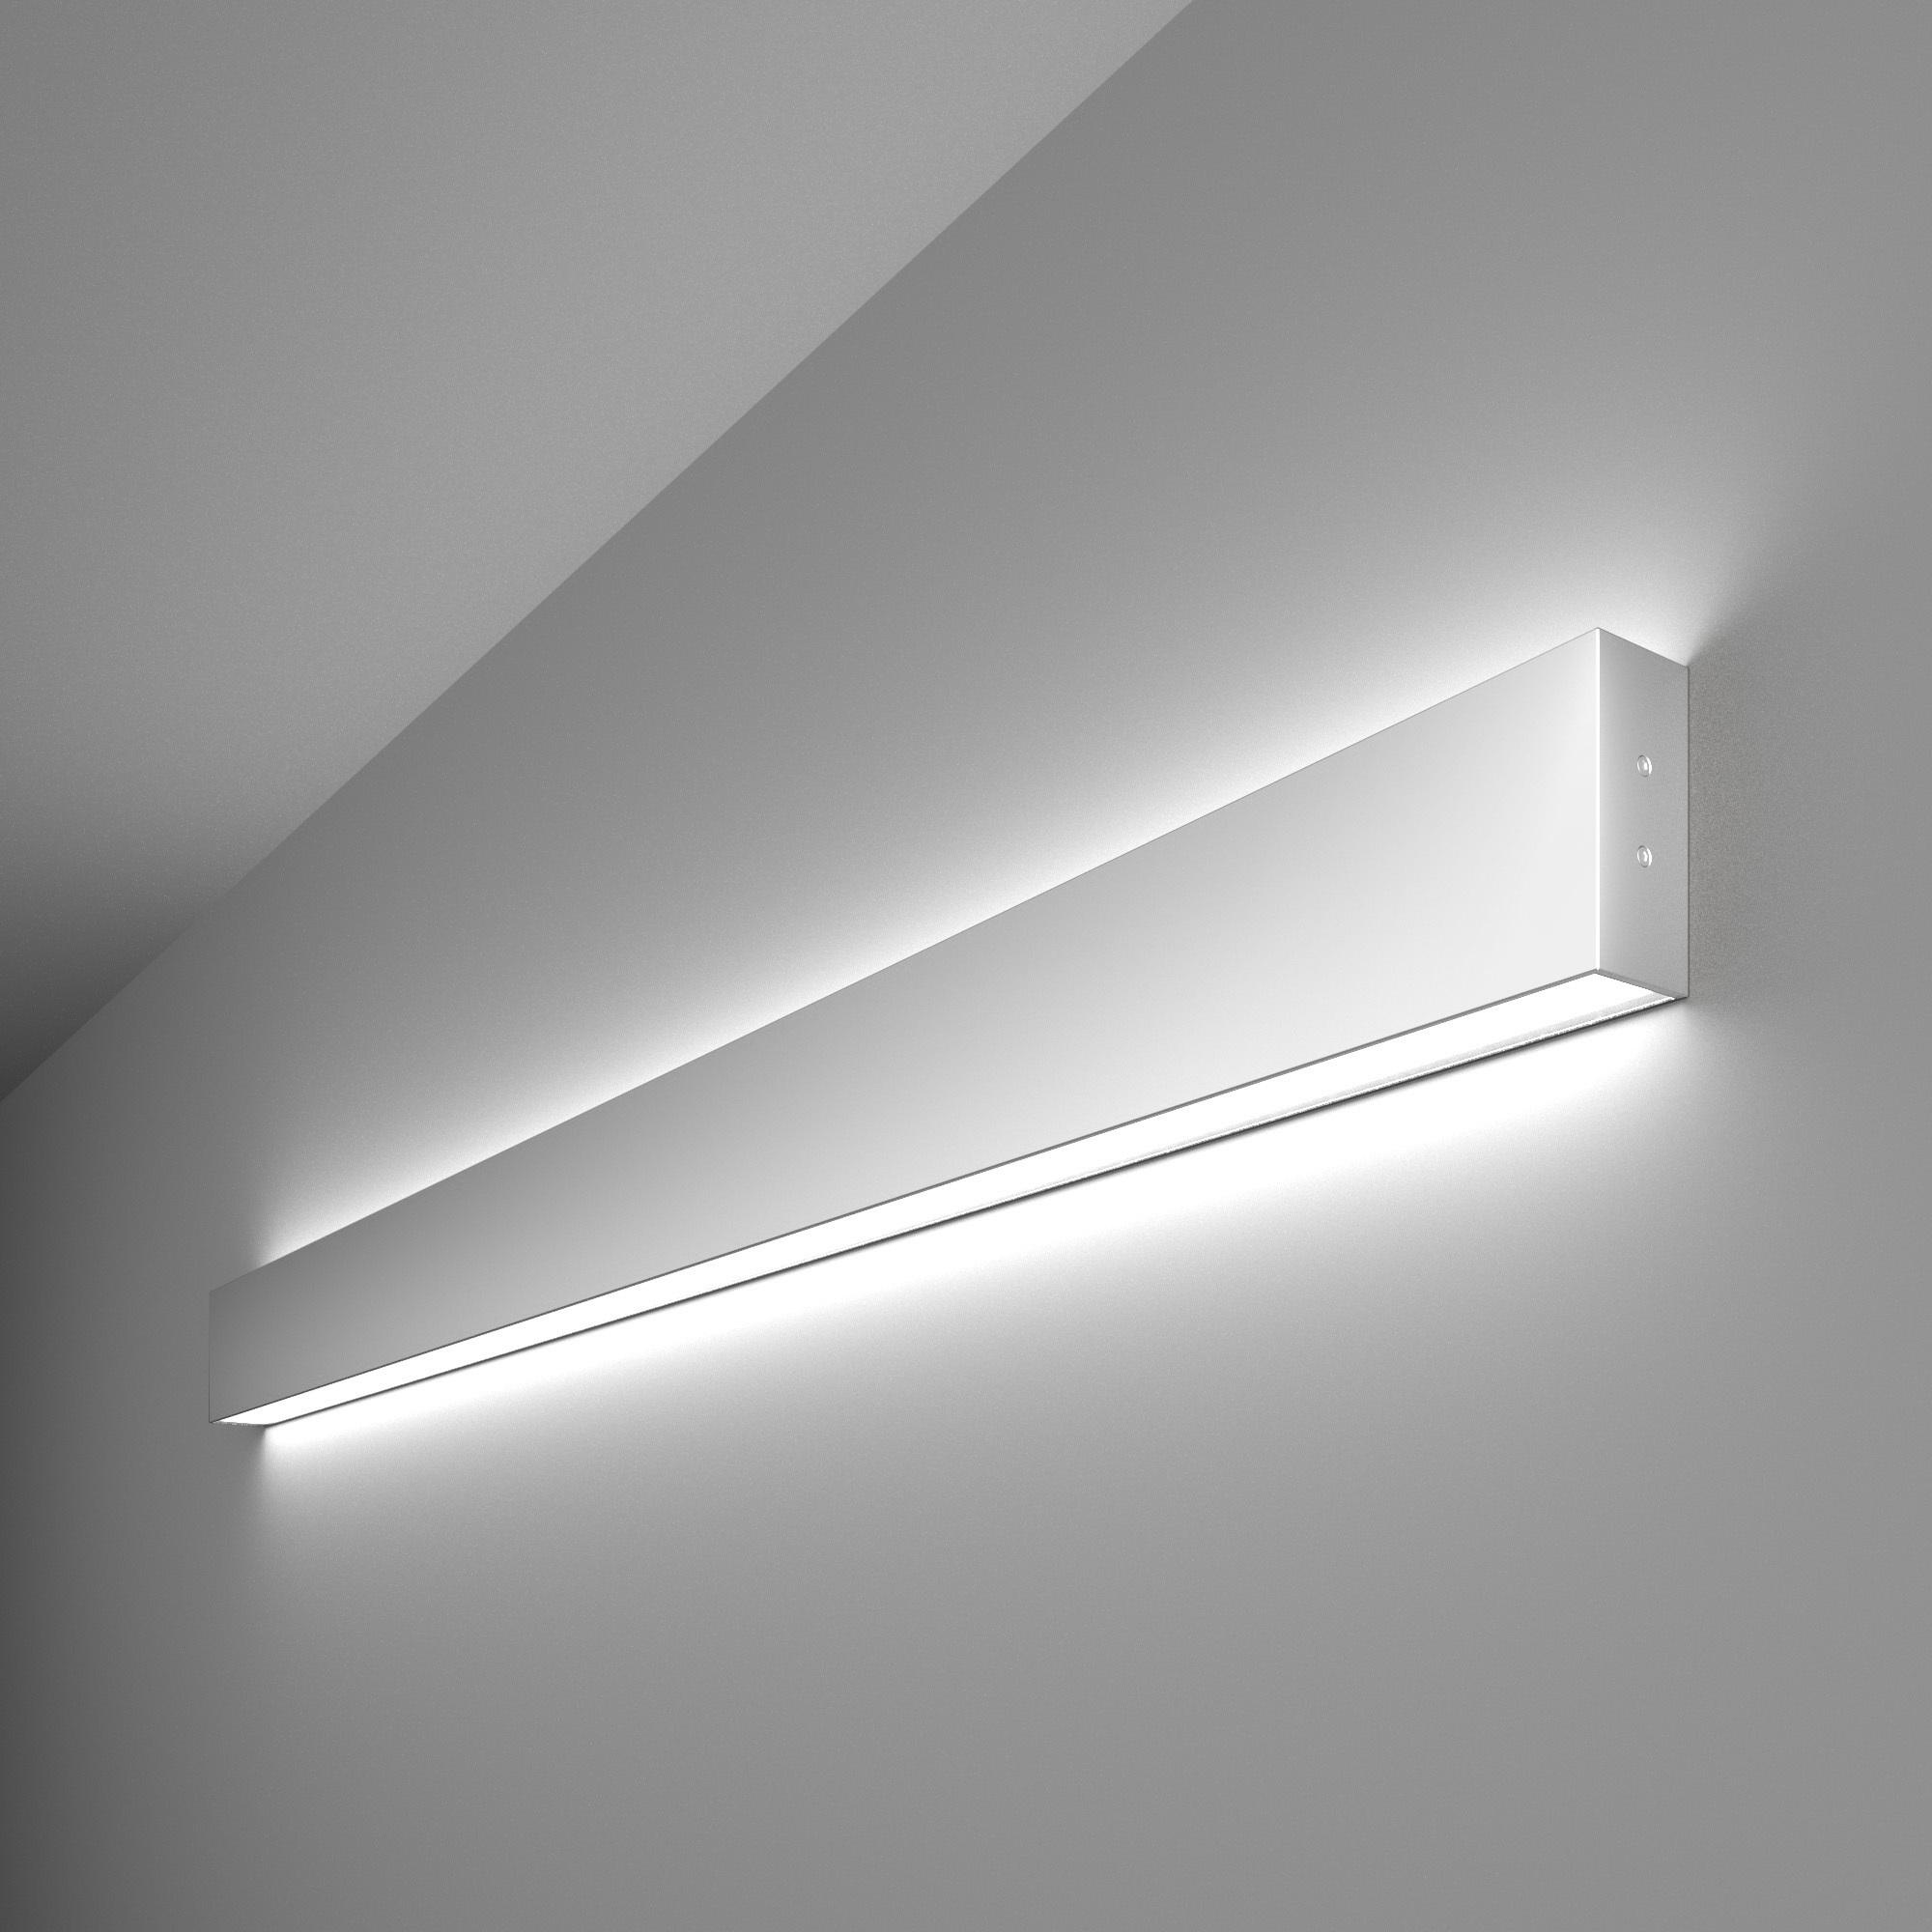 Разновидности и характеристики светодиодных светильников